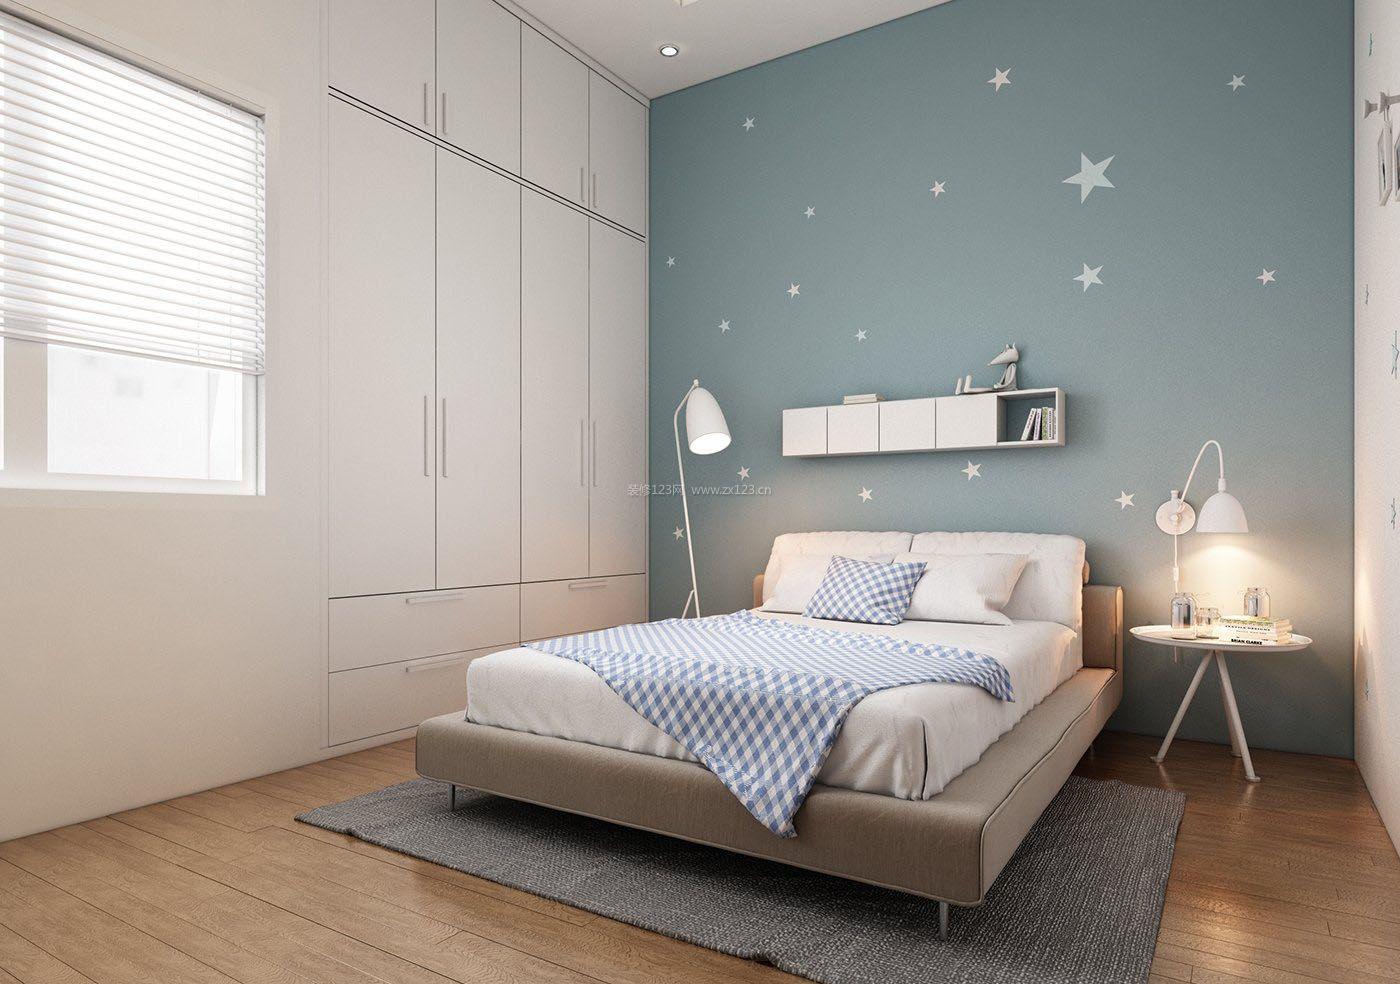 40平米单身公寓嵌入式衣柜装修图片